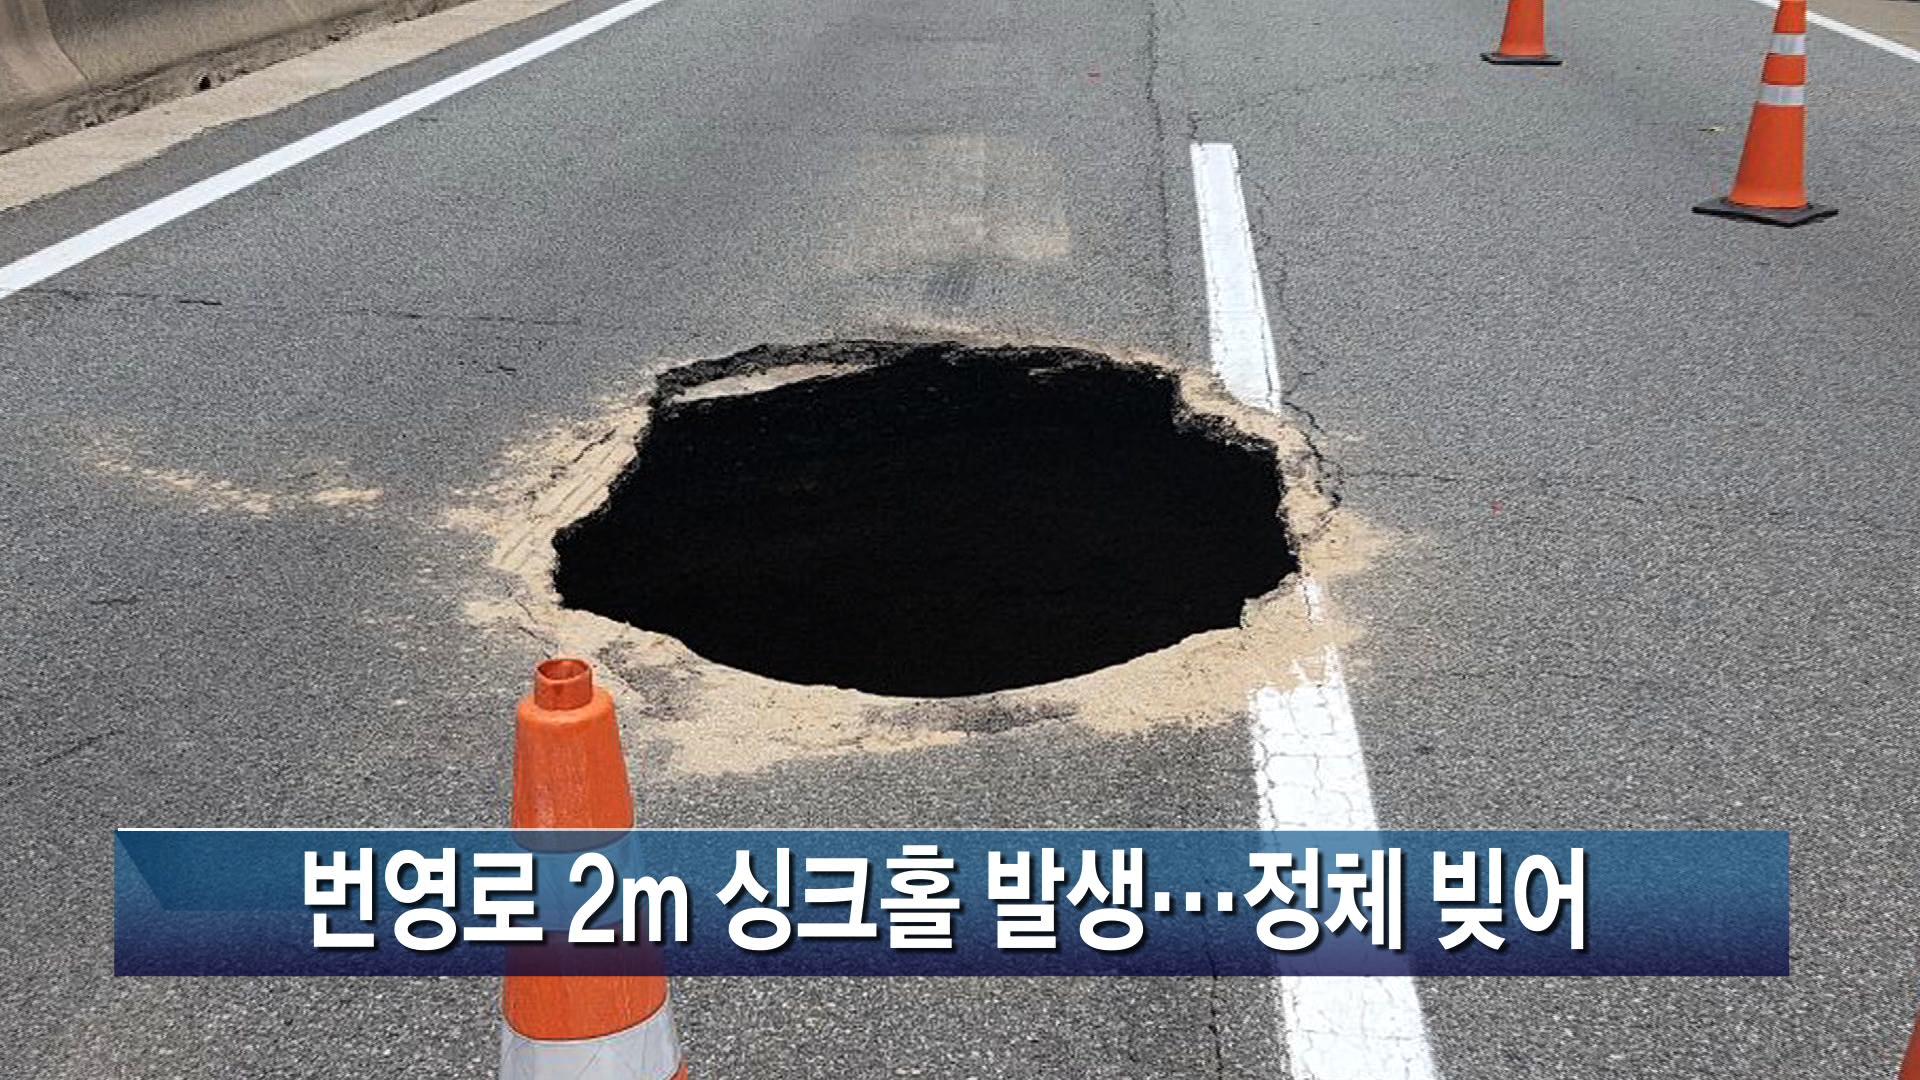 <부산>번영로 2m 싱크홀 발생...정체 빚어